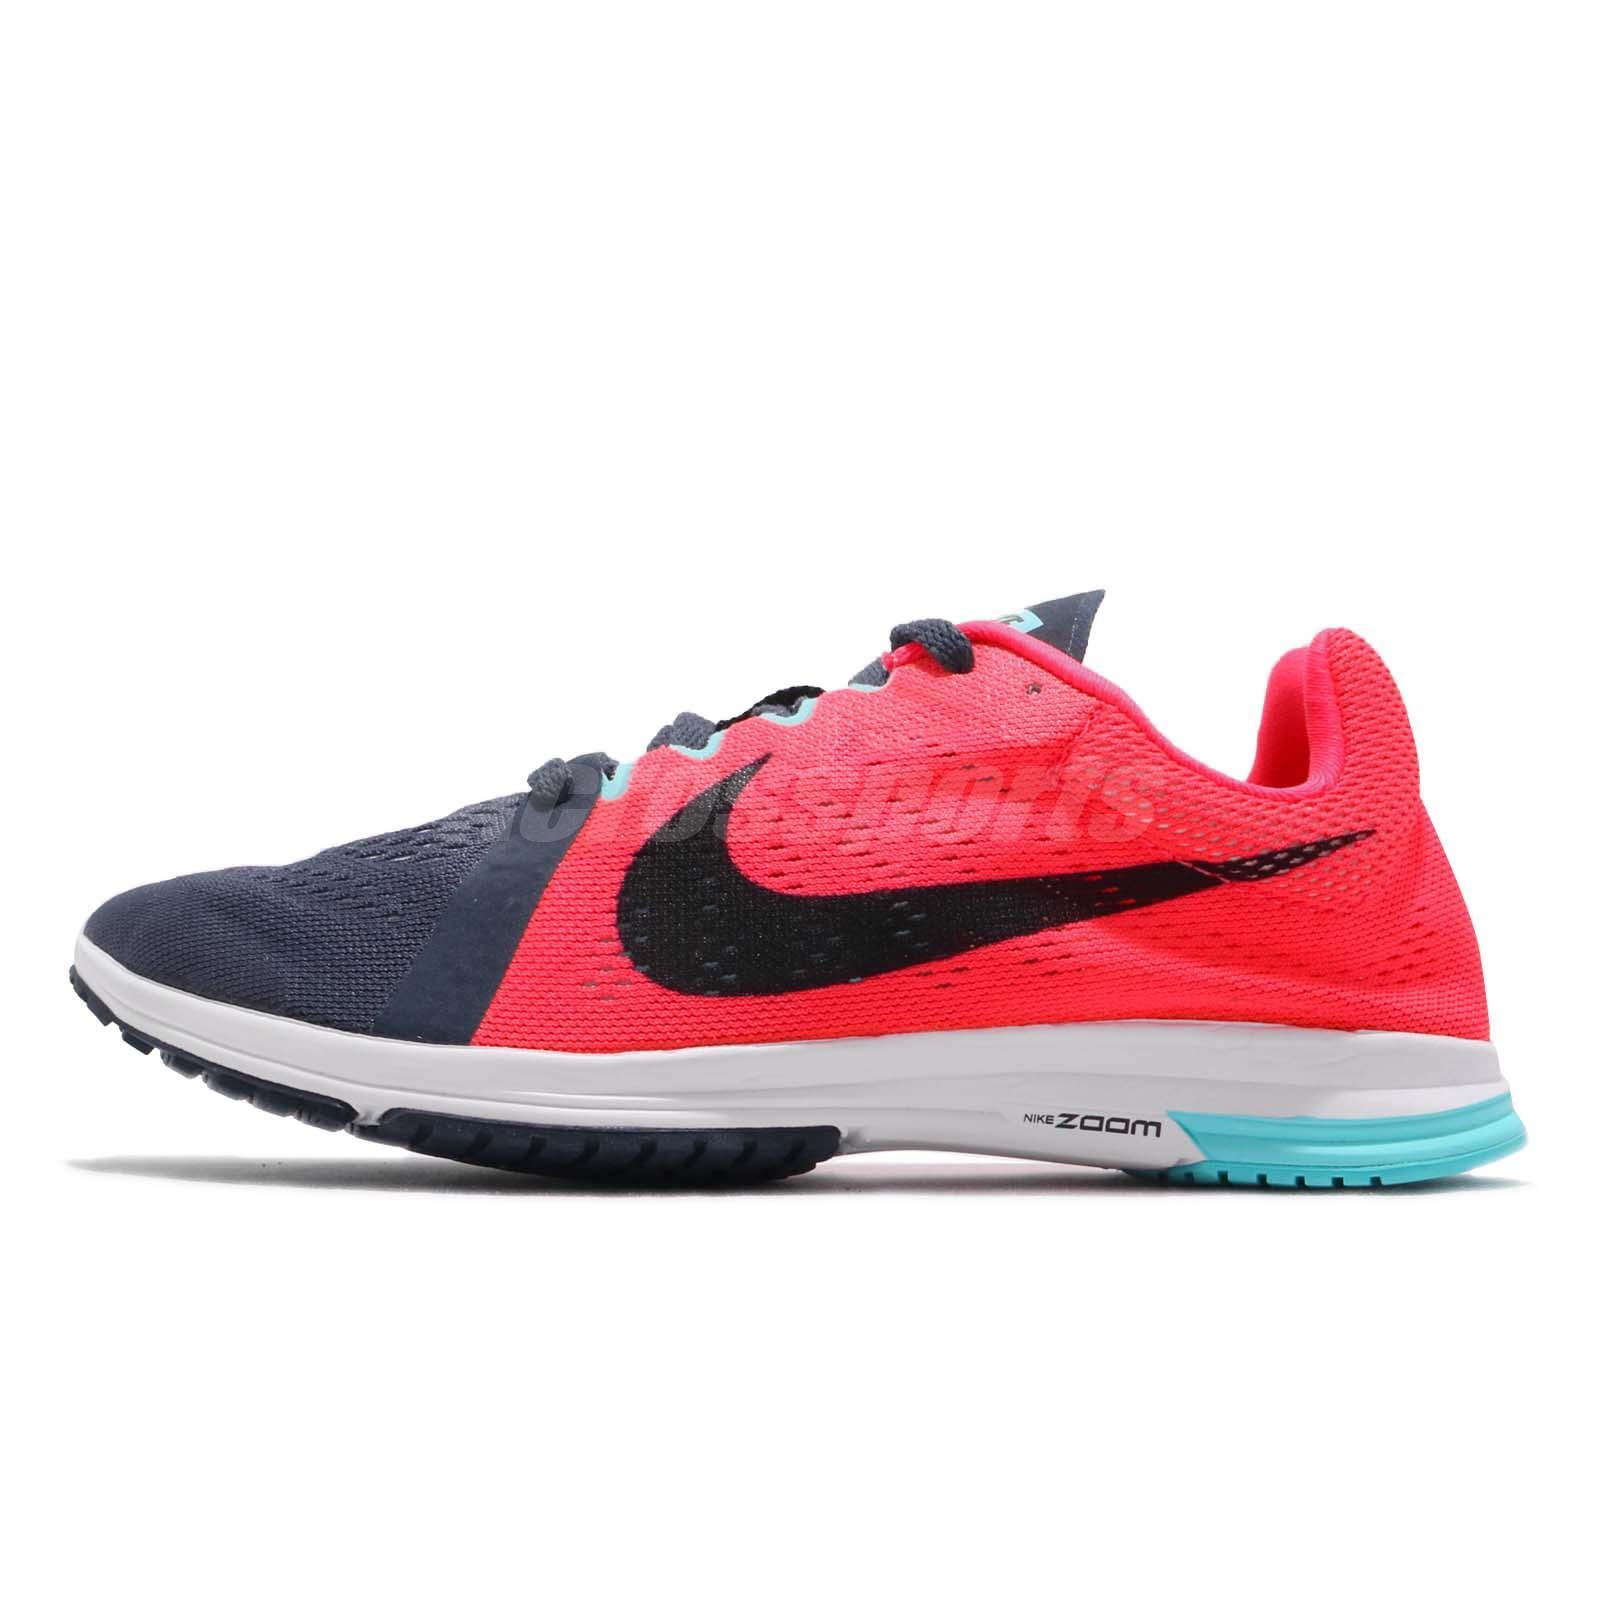 26aecebba469 Nike Zoom Streak LT 3 Solar Red Black Light Carbon Men Running Shoes 819038- 663